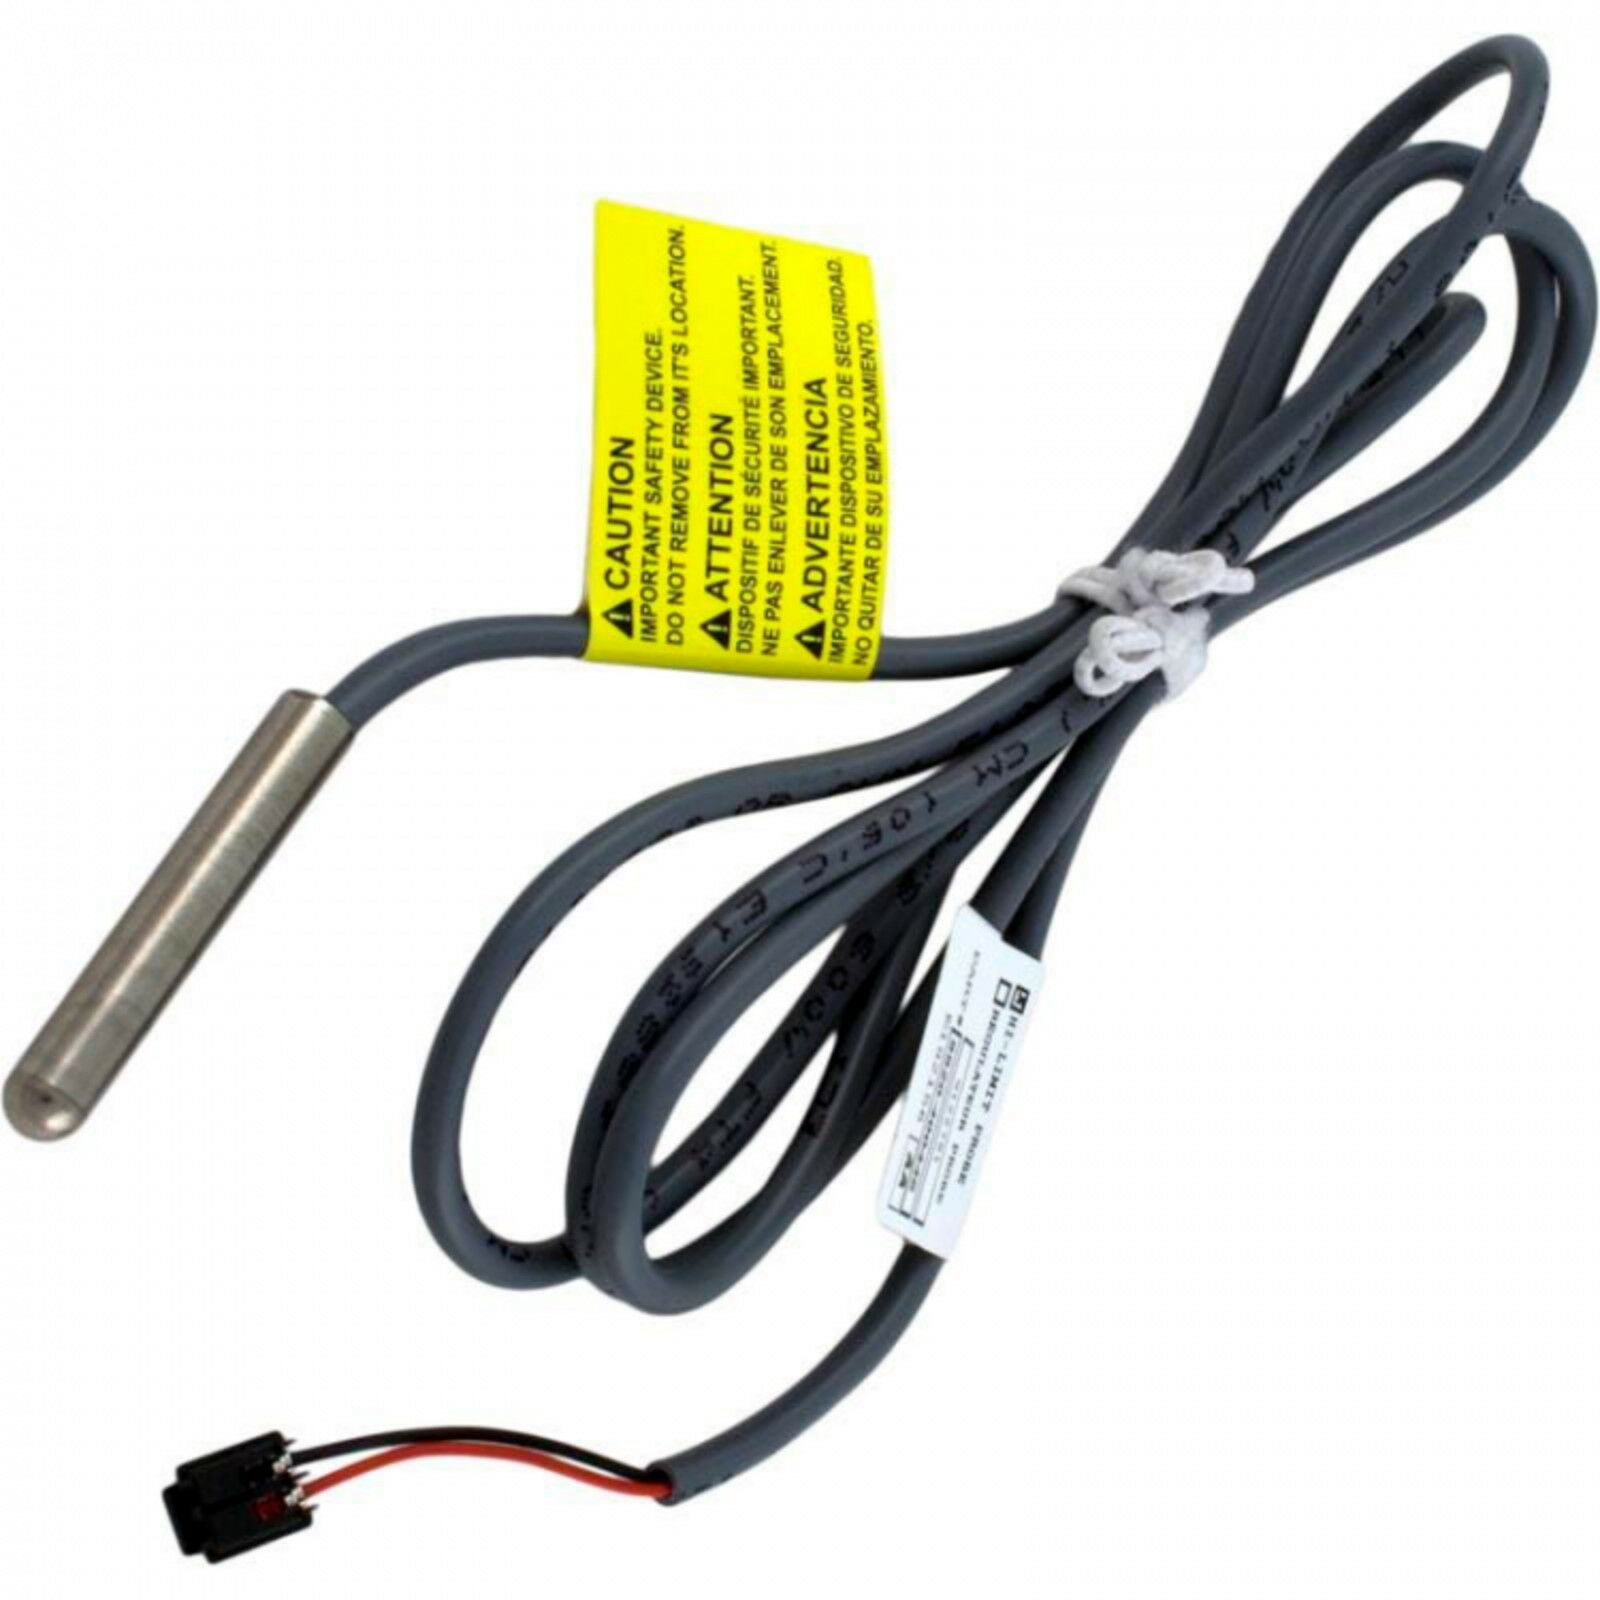 nelle promozioni dello stadio Gecko Hi limite Sonda del Sensore 9920-400446 Vasca Vasca Vasca Idromassaggio parti di ricambio Spa  connotazione di lusso low-key